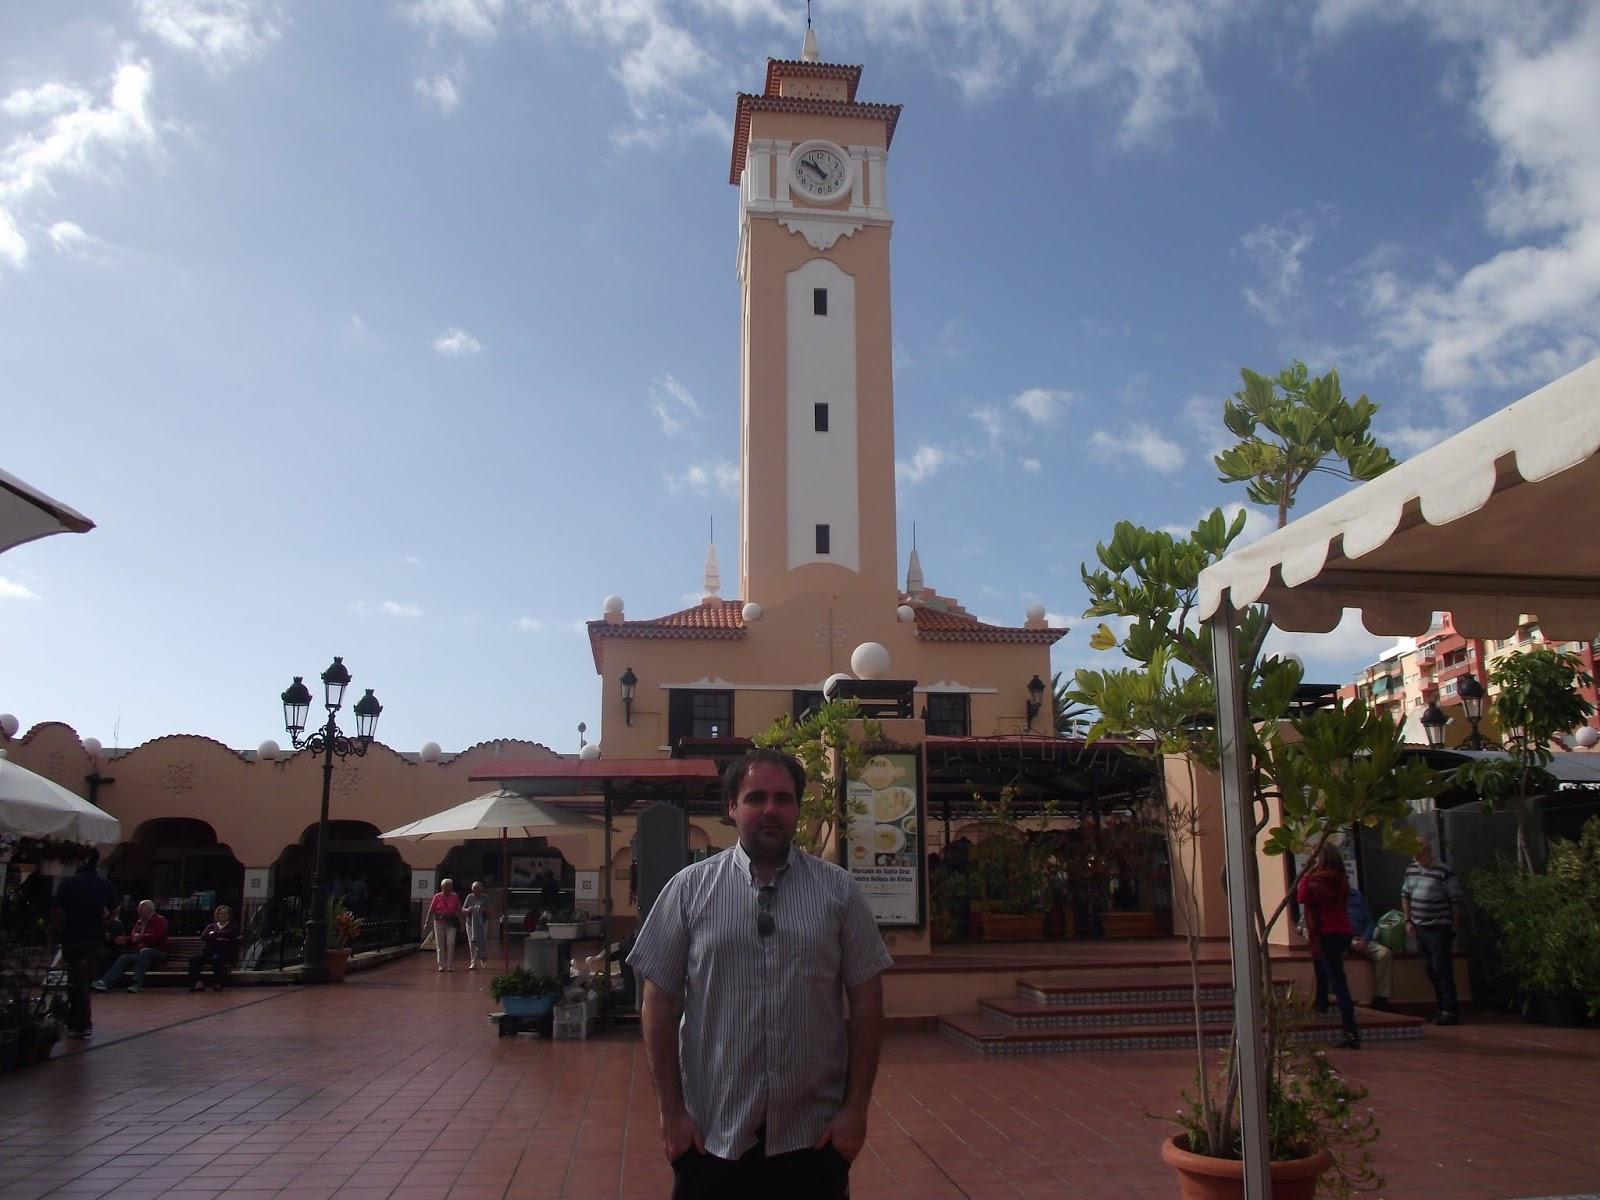 Conociendo el mercado local ''Mercado de África''